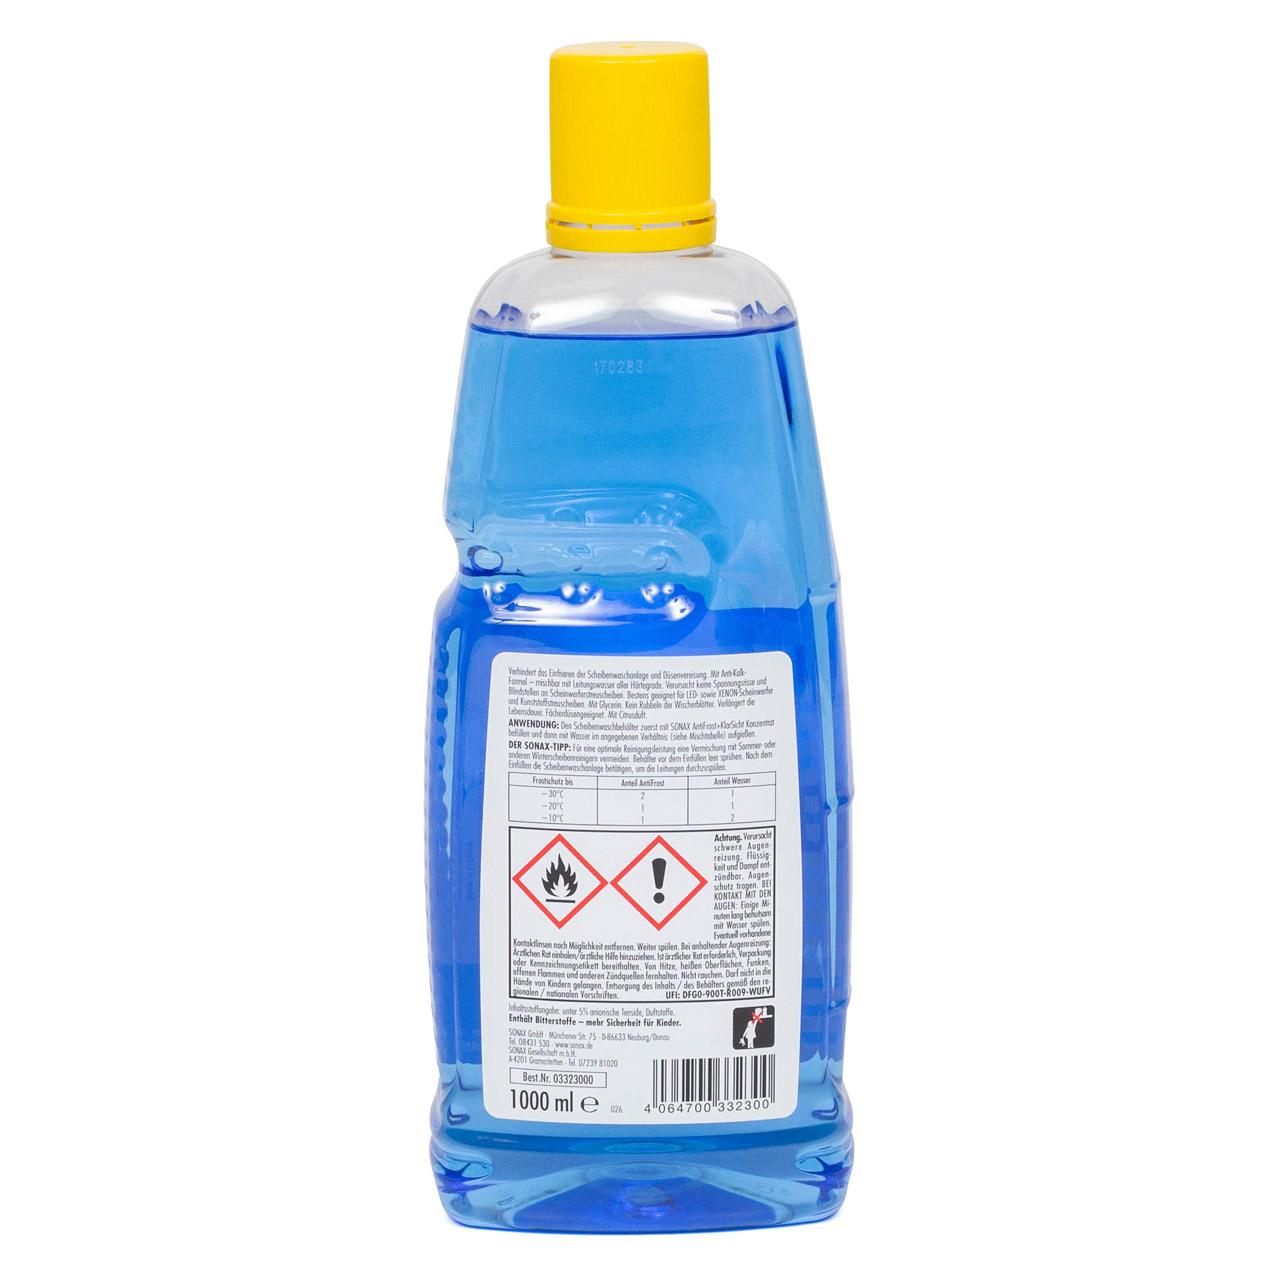 SONAX 332300 Scheiben Frostschutz ANTIFROST & KLARSICHT Konzentrat - 1L 1 Liter